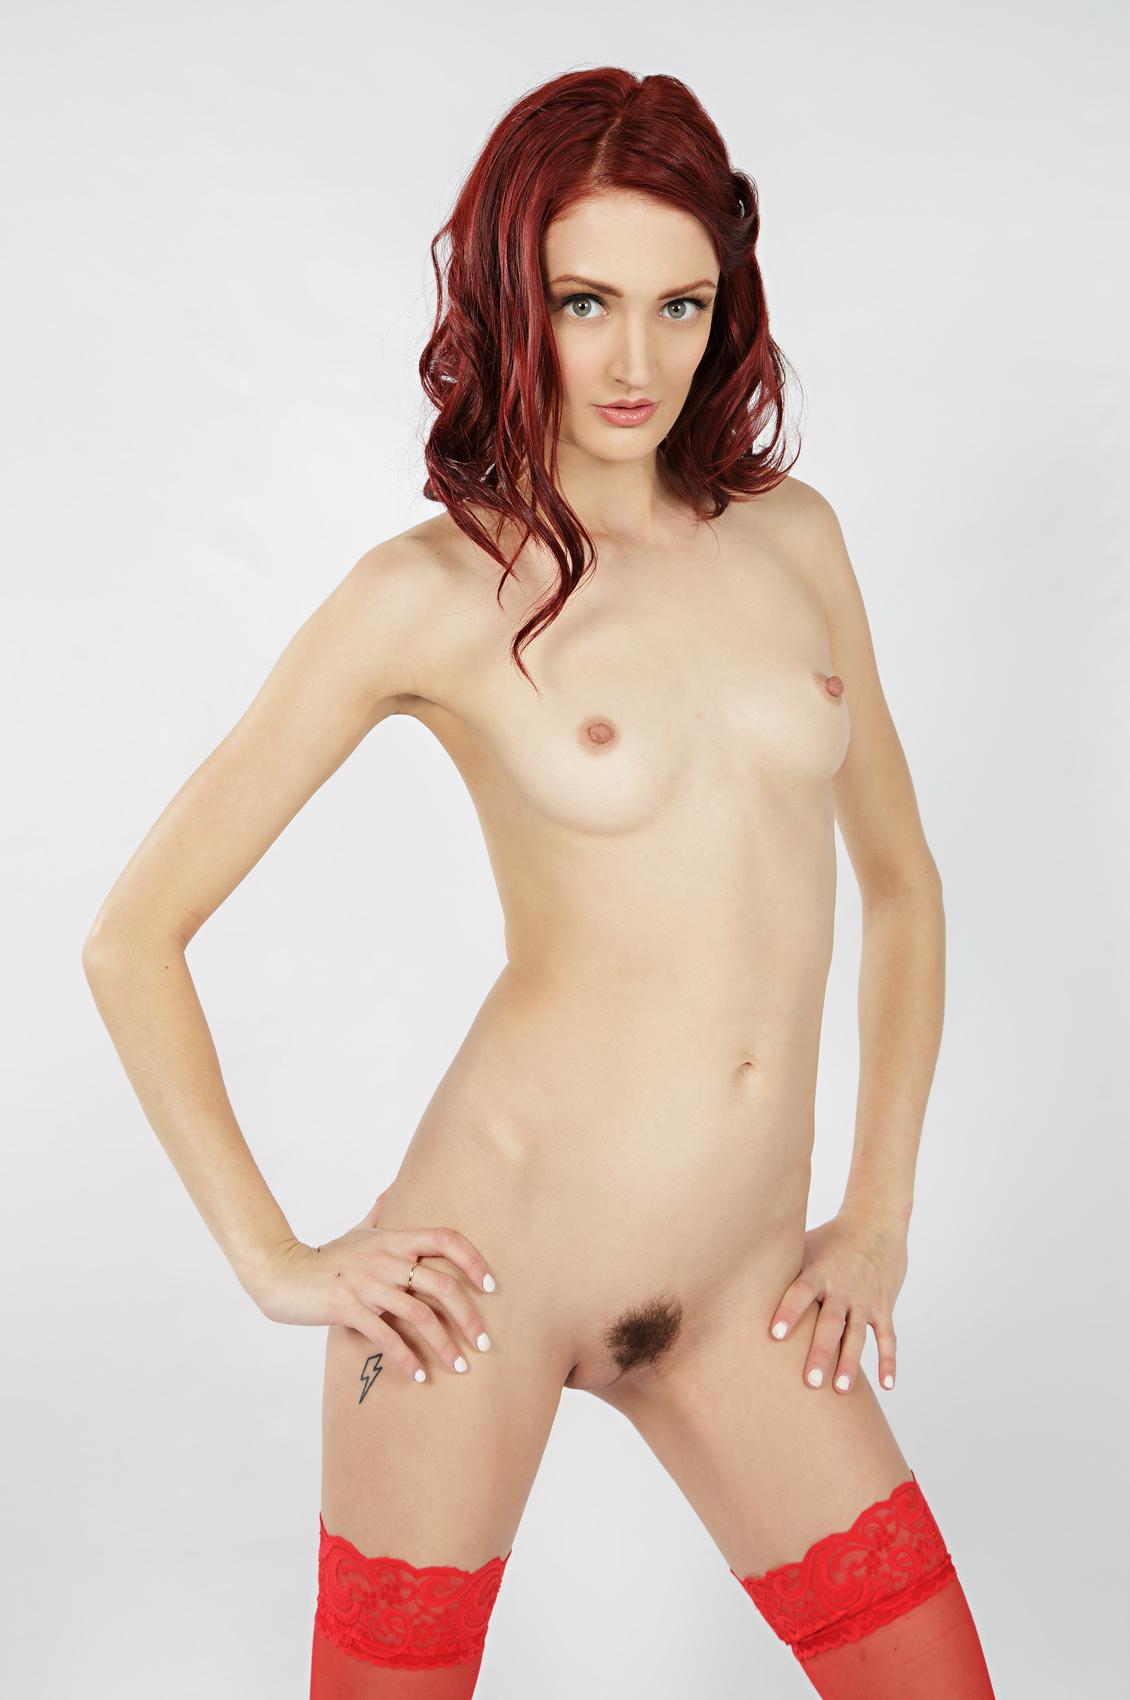 Andi Rye's VR Porn Videos, Bio & Free Nude Pics